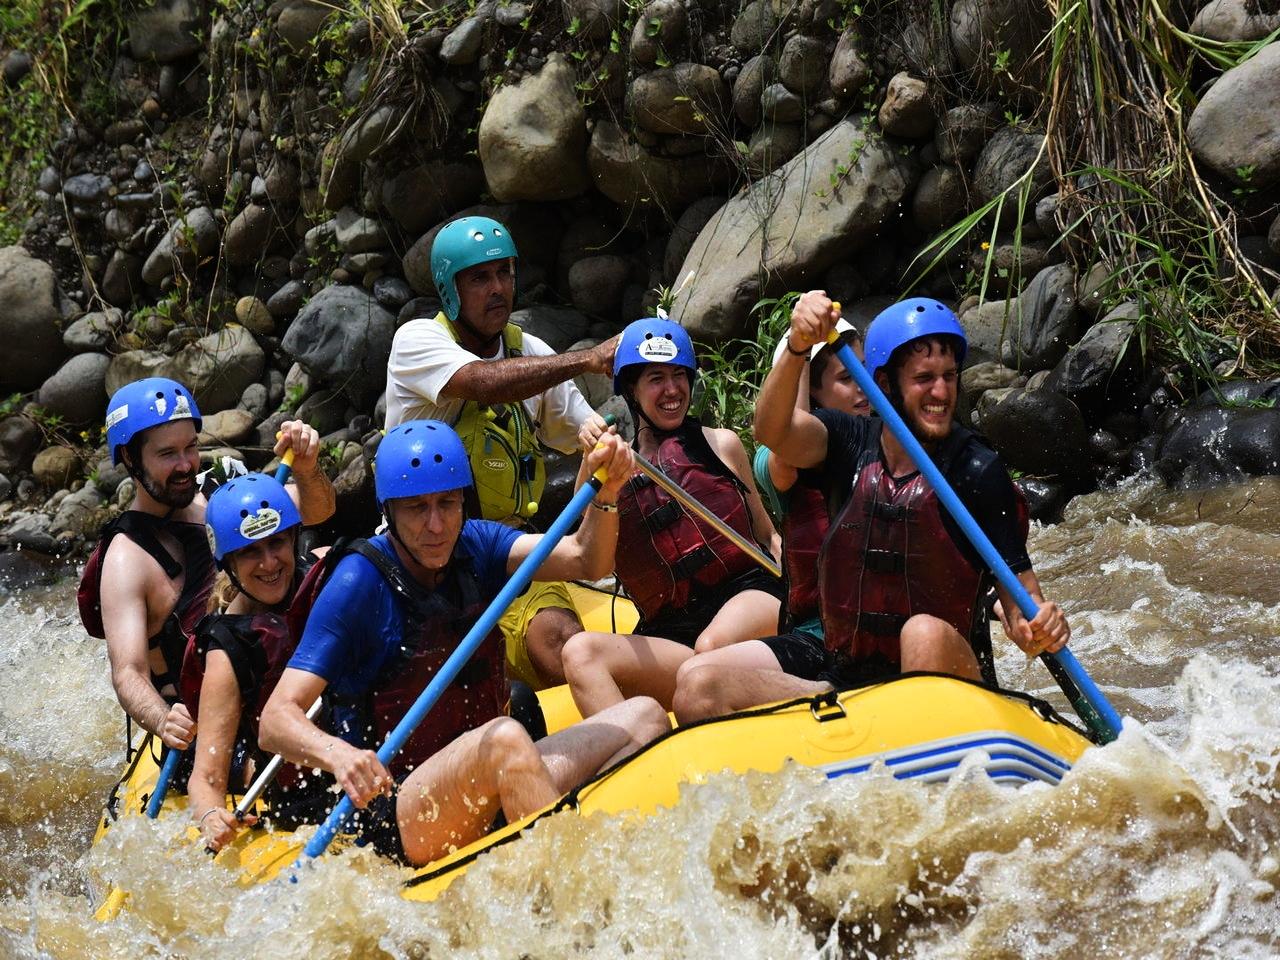 Hacer rafting en El Arenal es divertidísimo. Mi cara de felicidad lo dice todo.